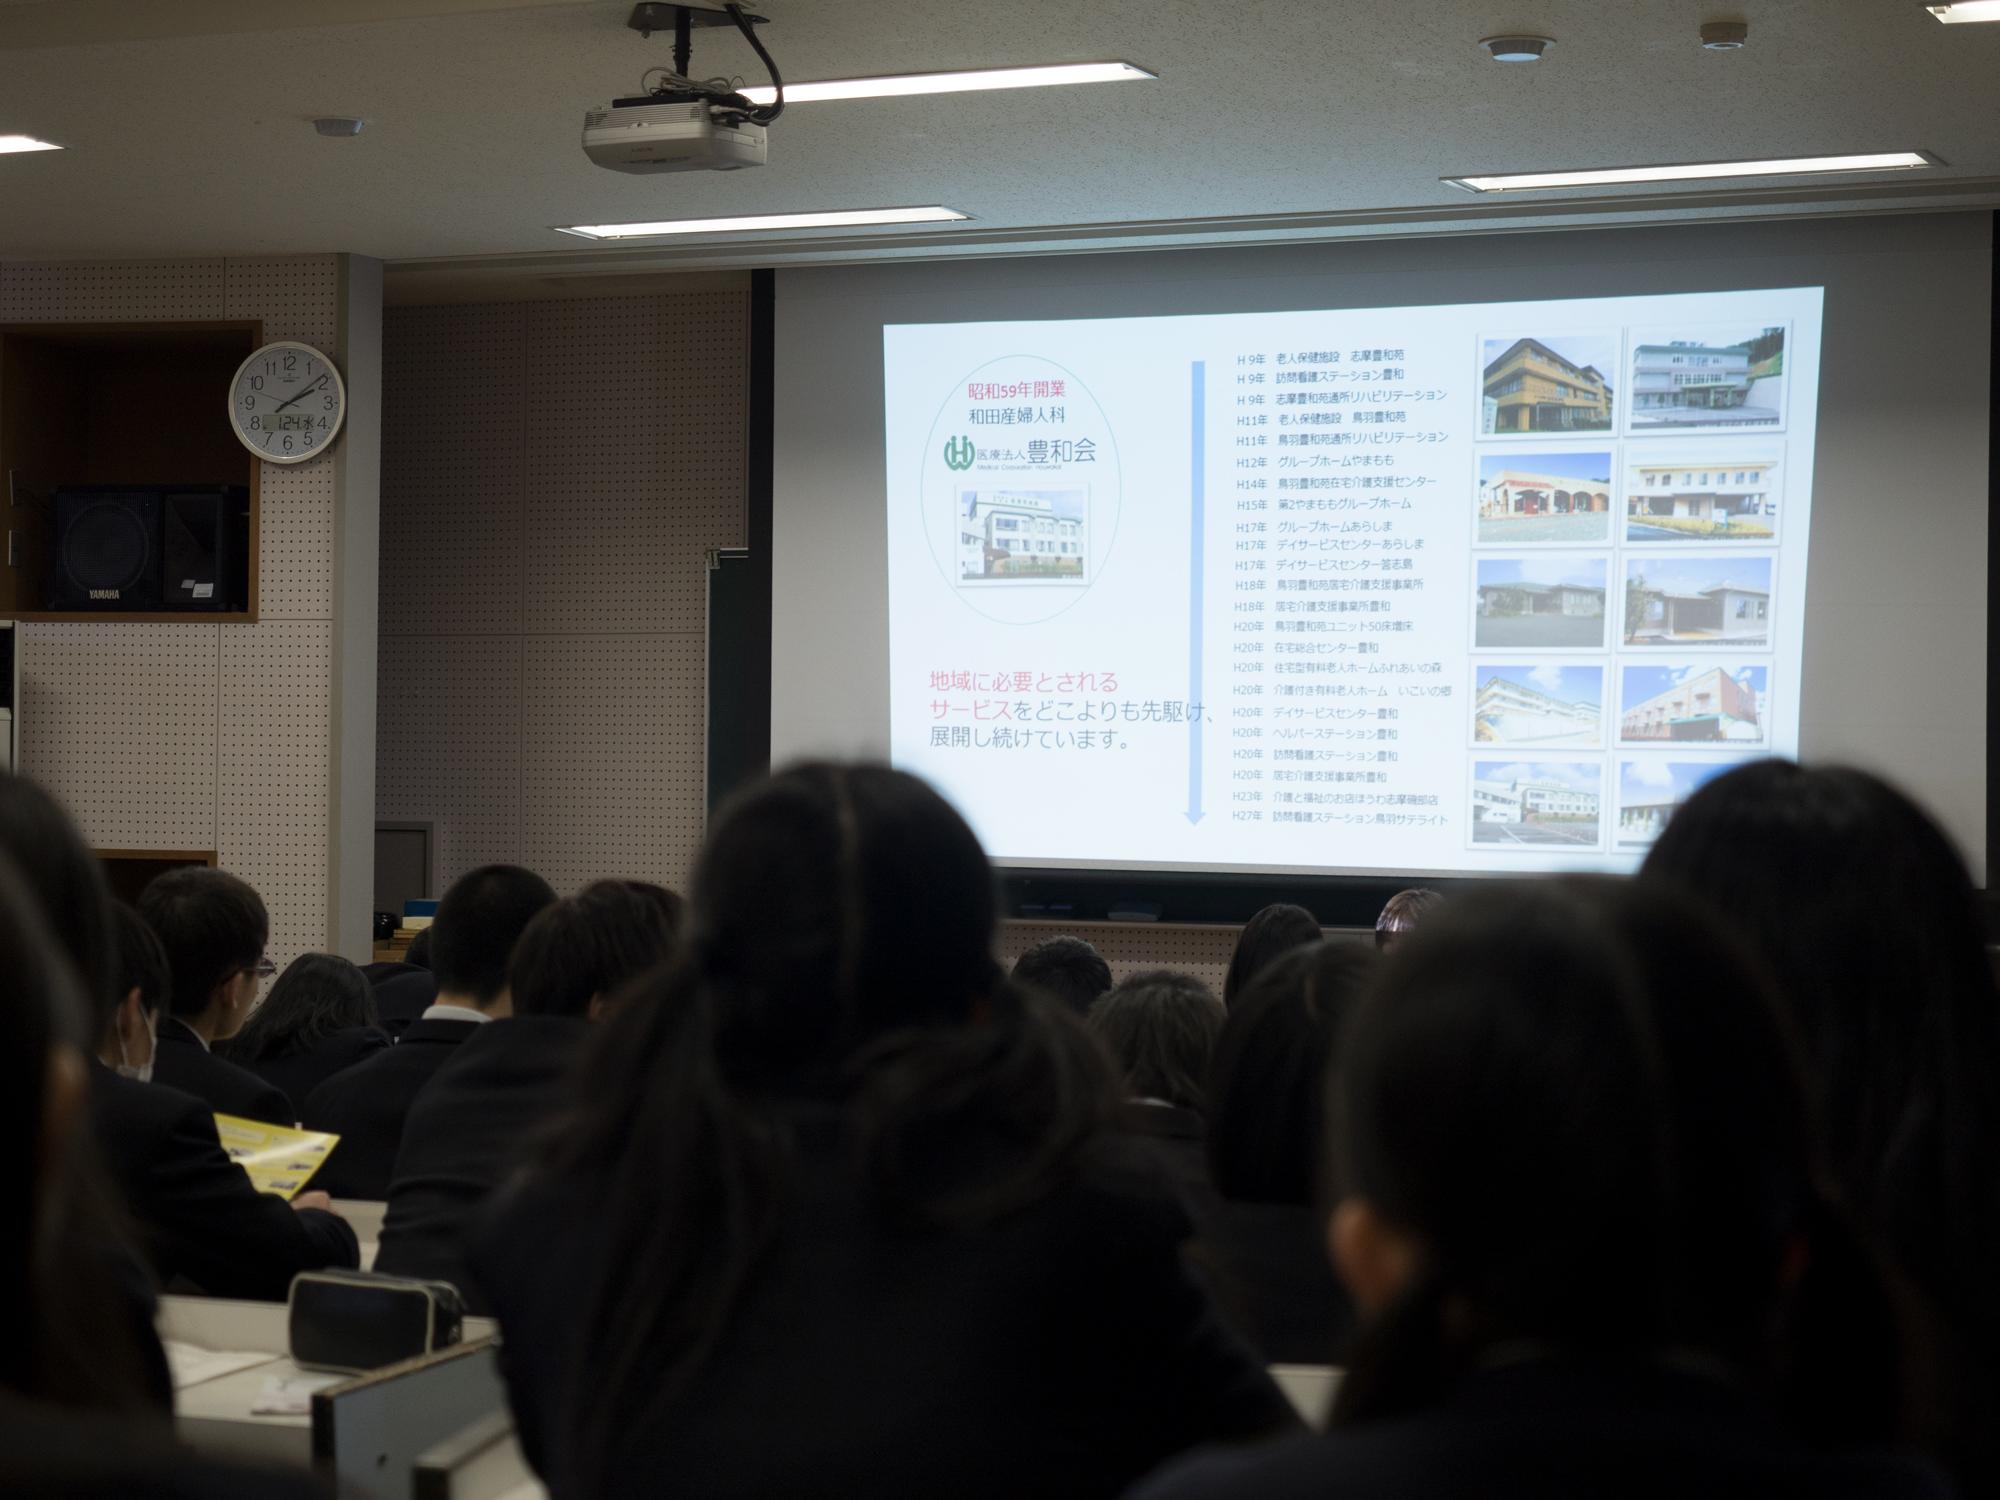 三重県立志摩高等学校で企業説明...